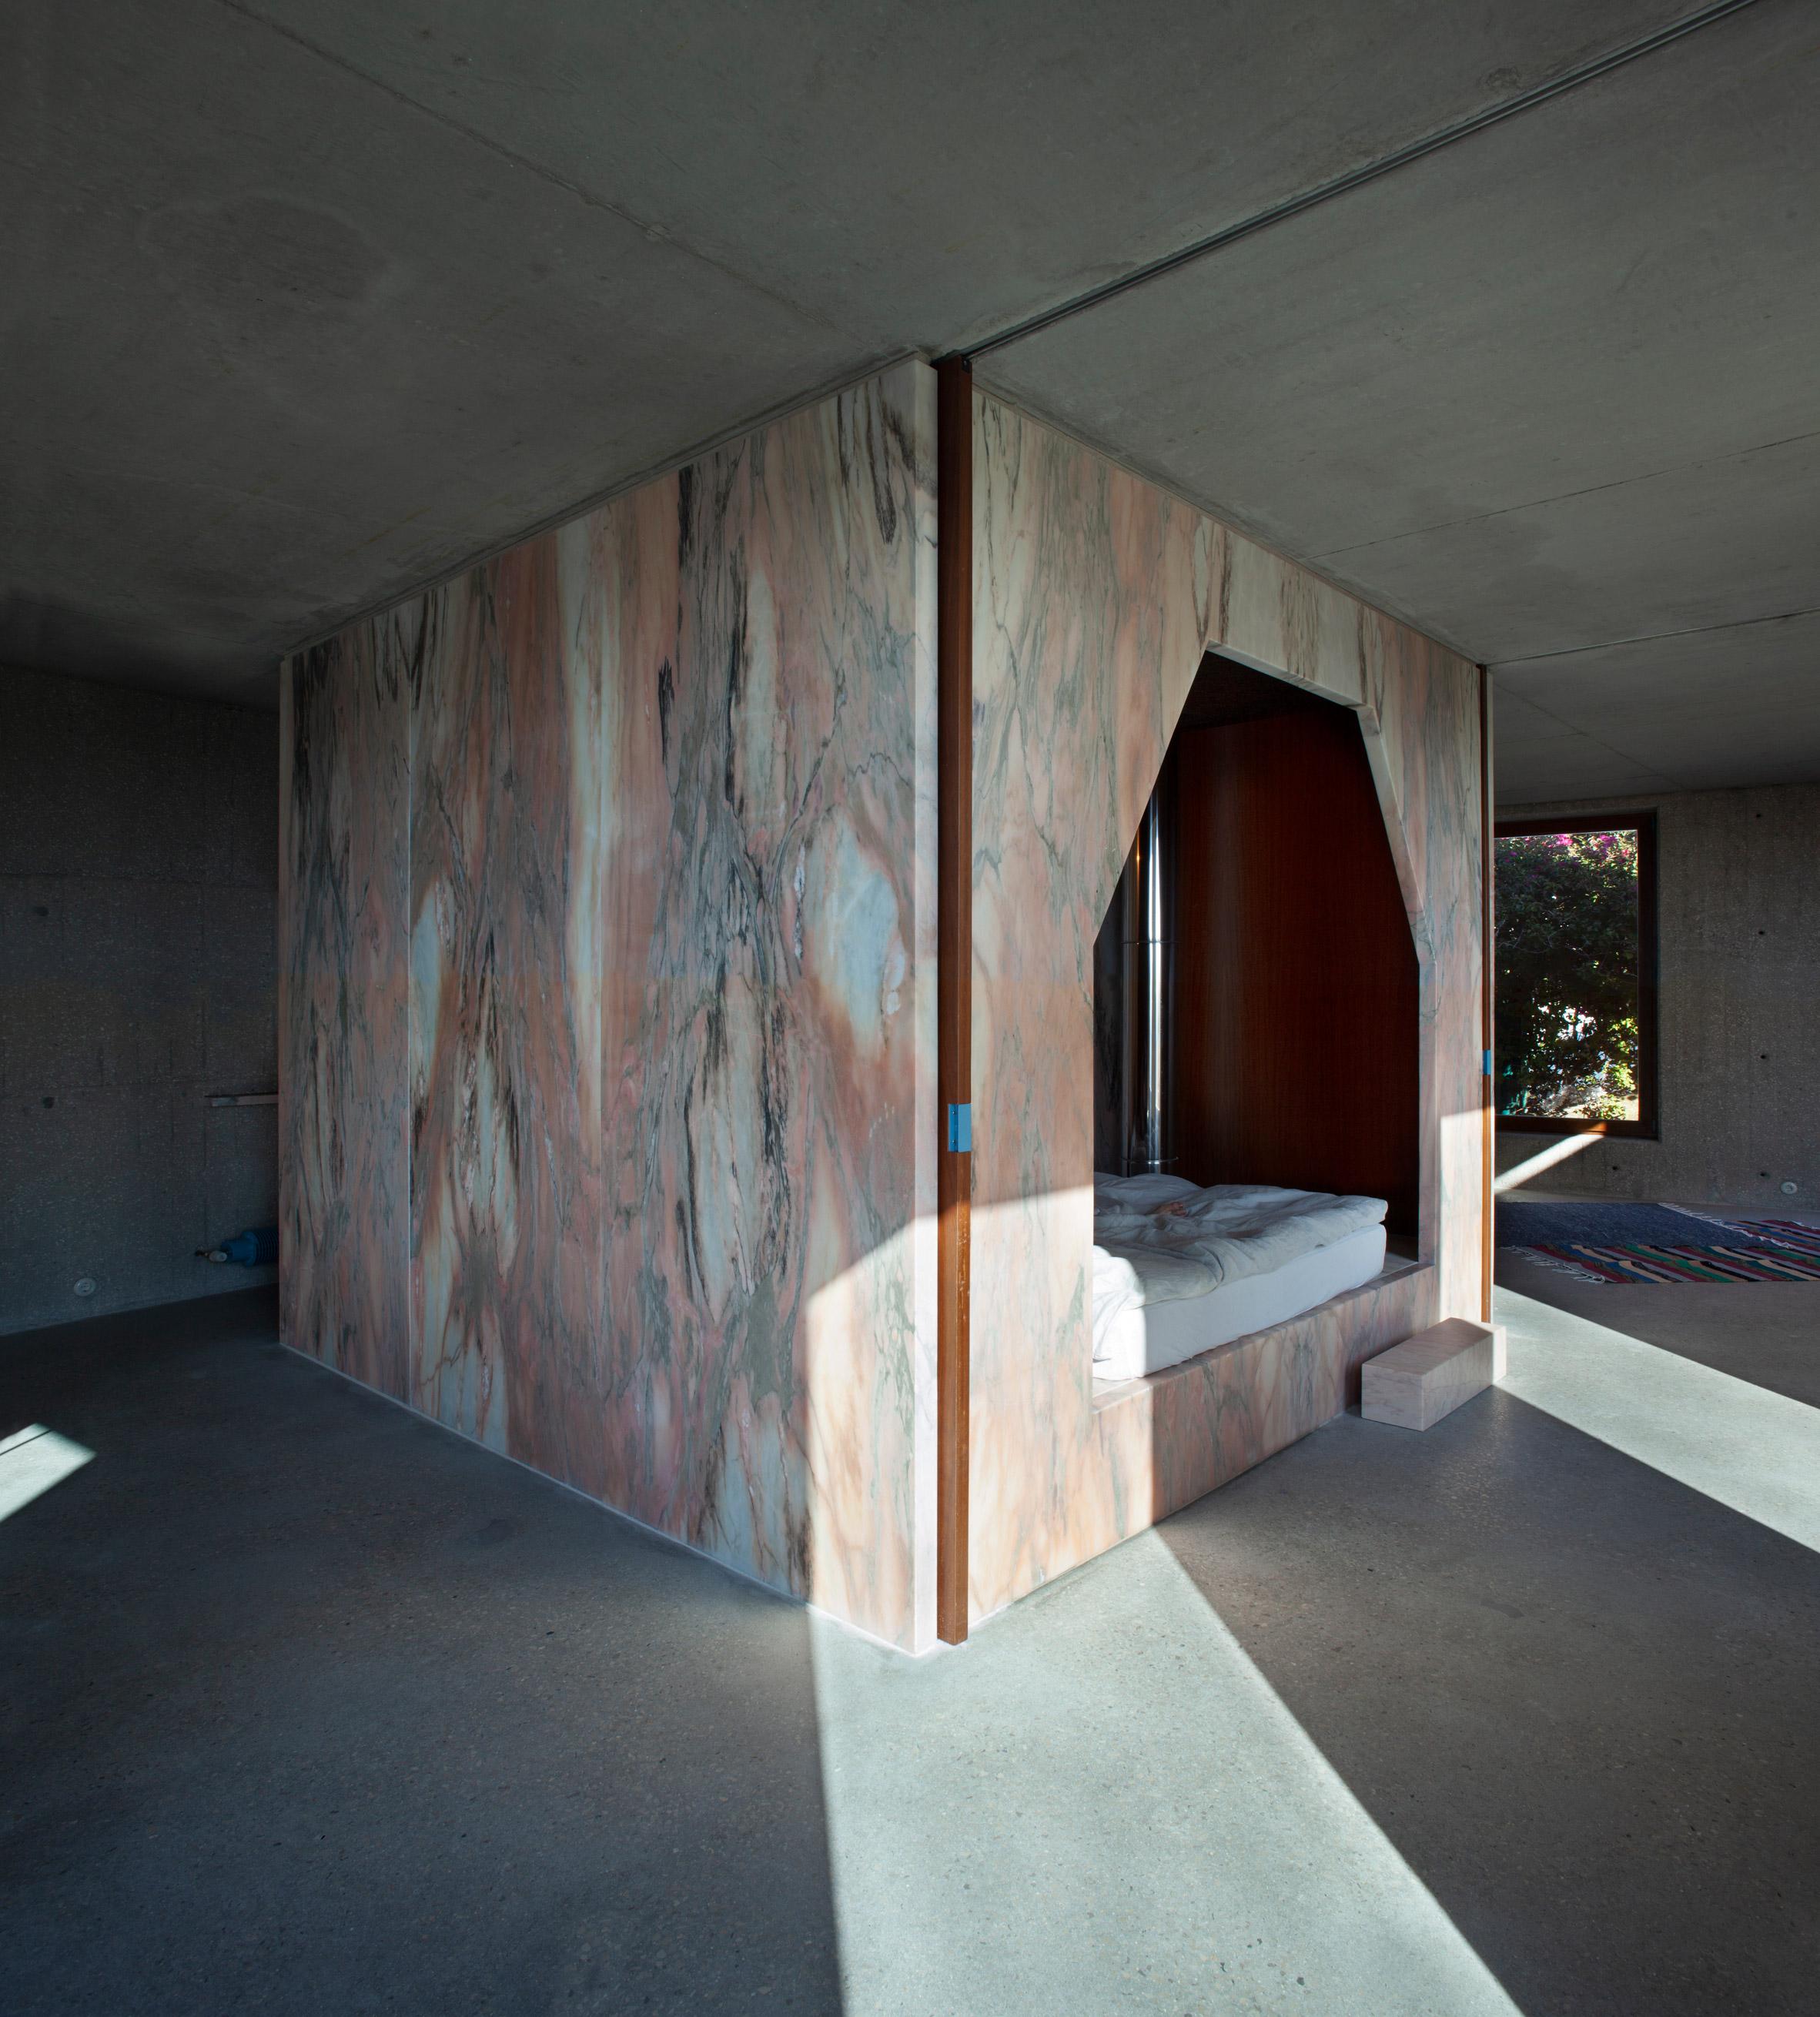 Casa do Monte by Leopold Banchini and Daniel Zamarbide